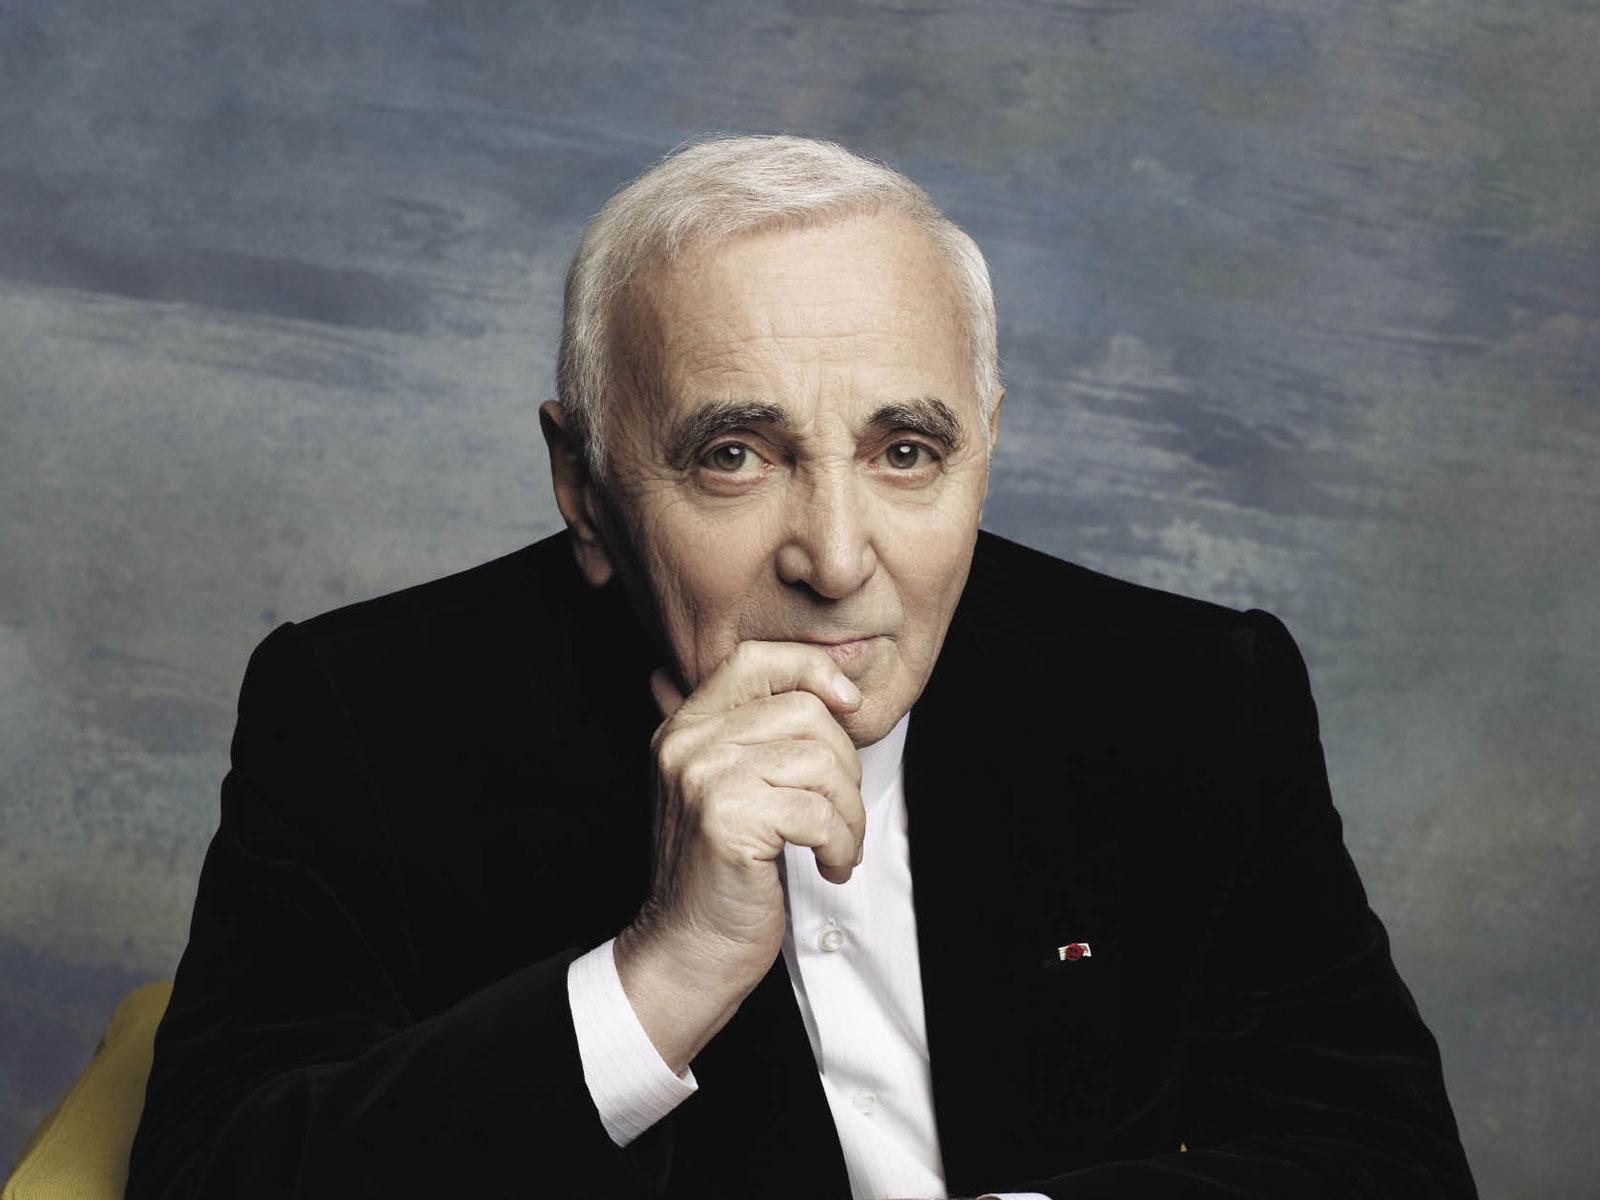 El cantante francés Charles Aznavour, dispuesto a acoger migrantes en su casa